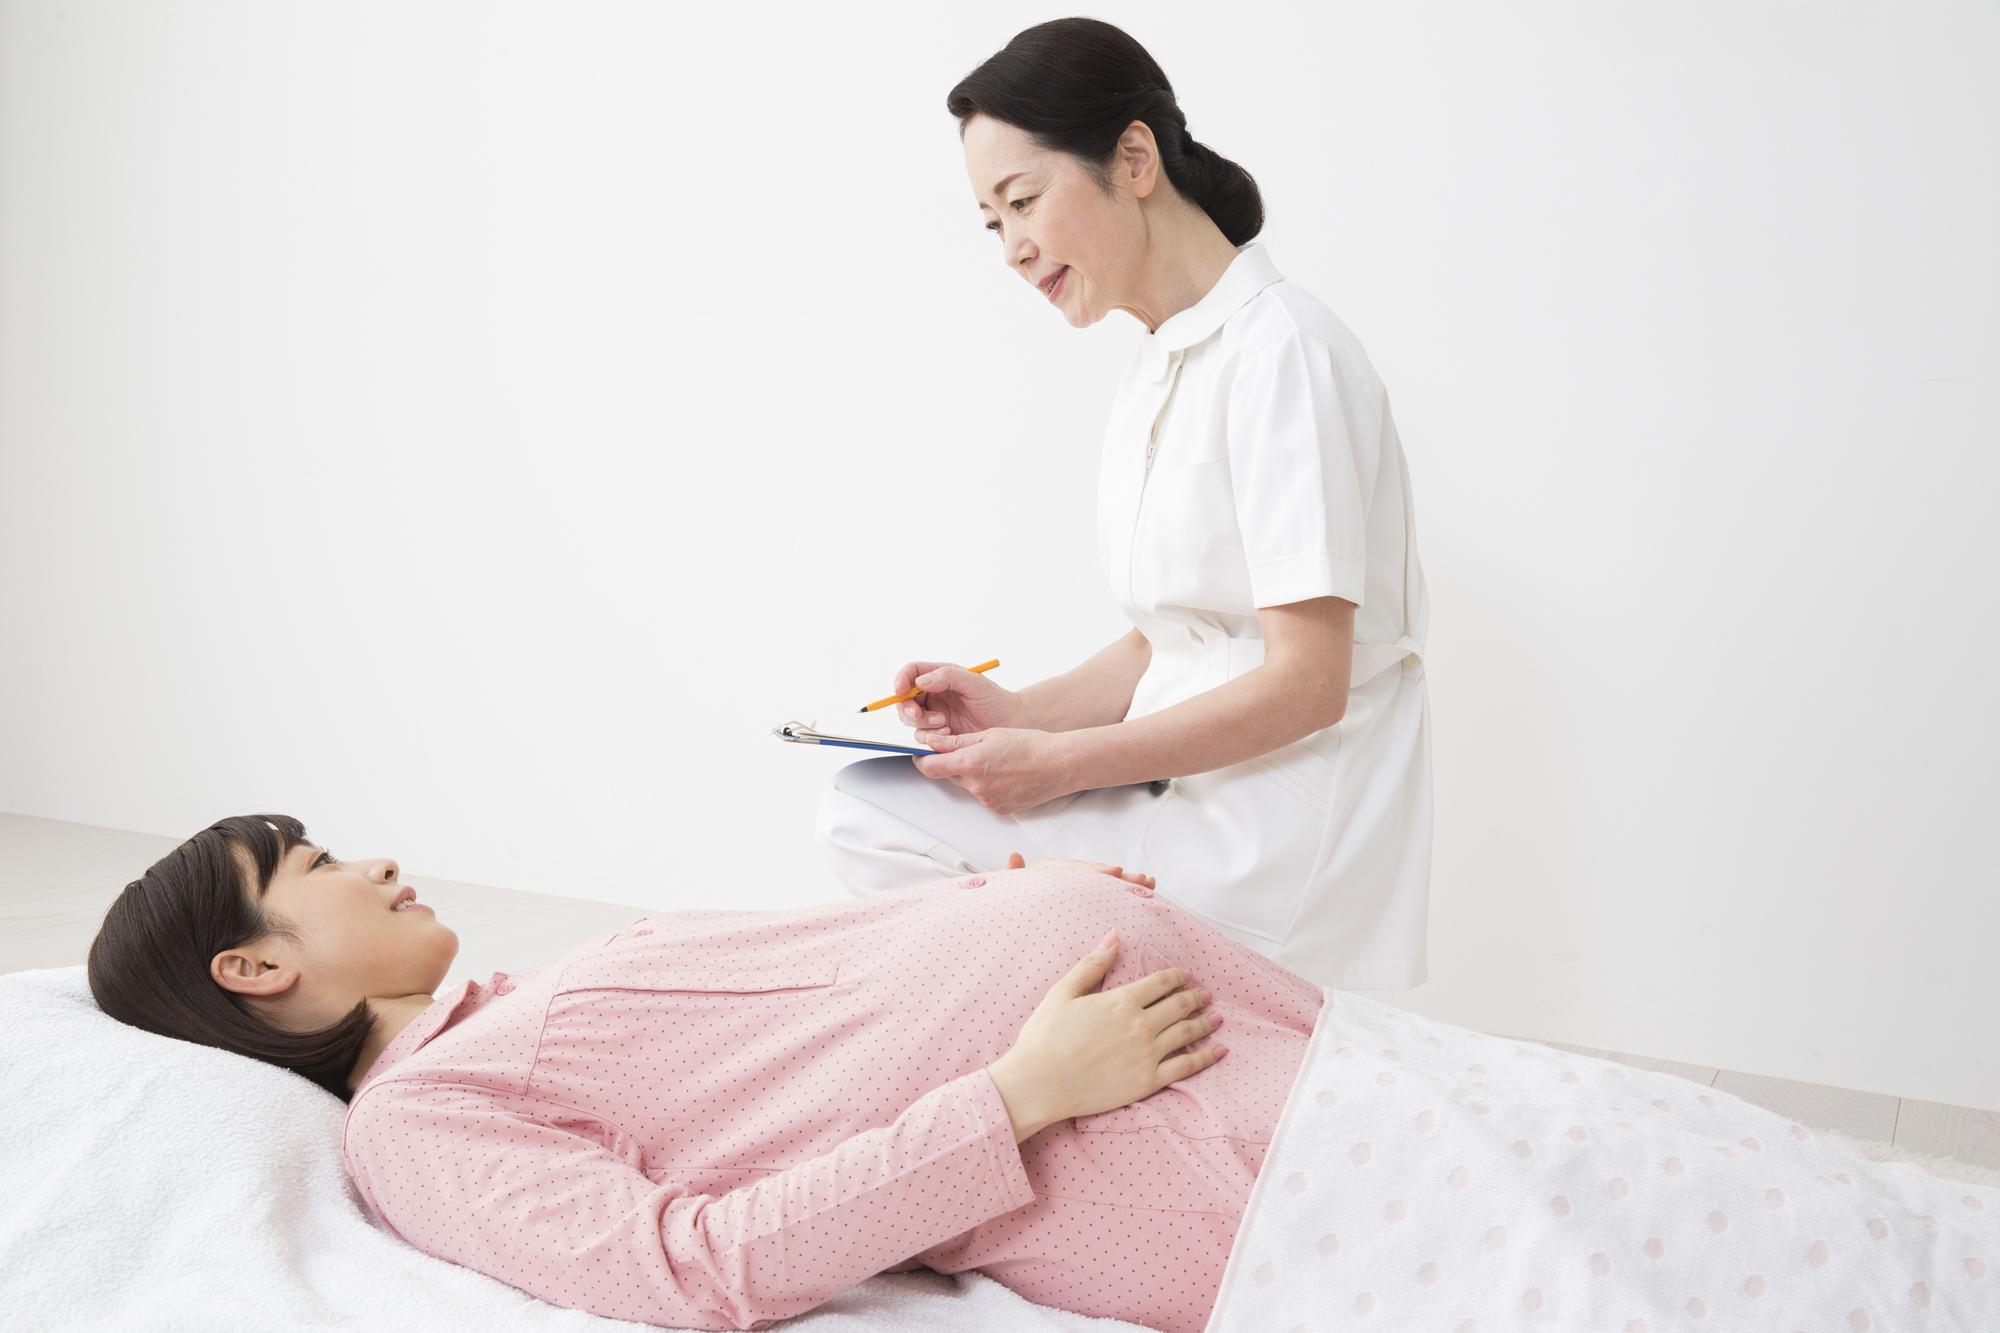 妊婦でもインフルエンザの予防接種は受けていいの?